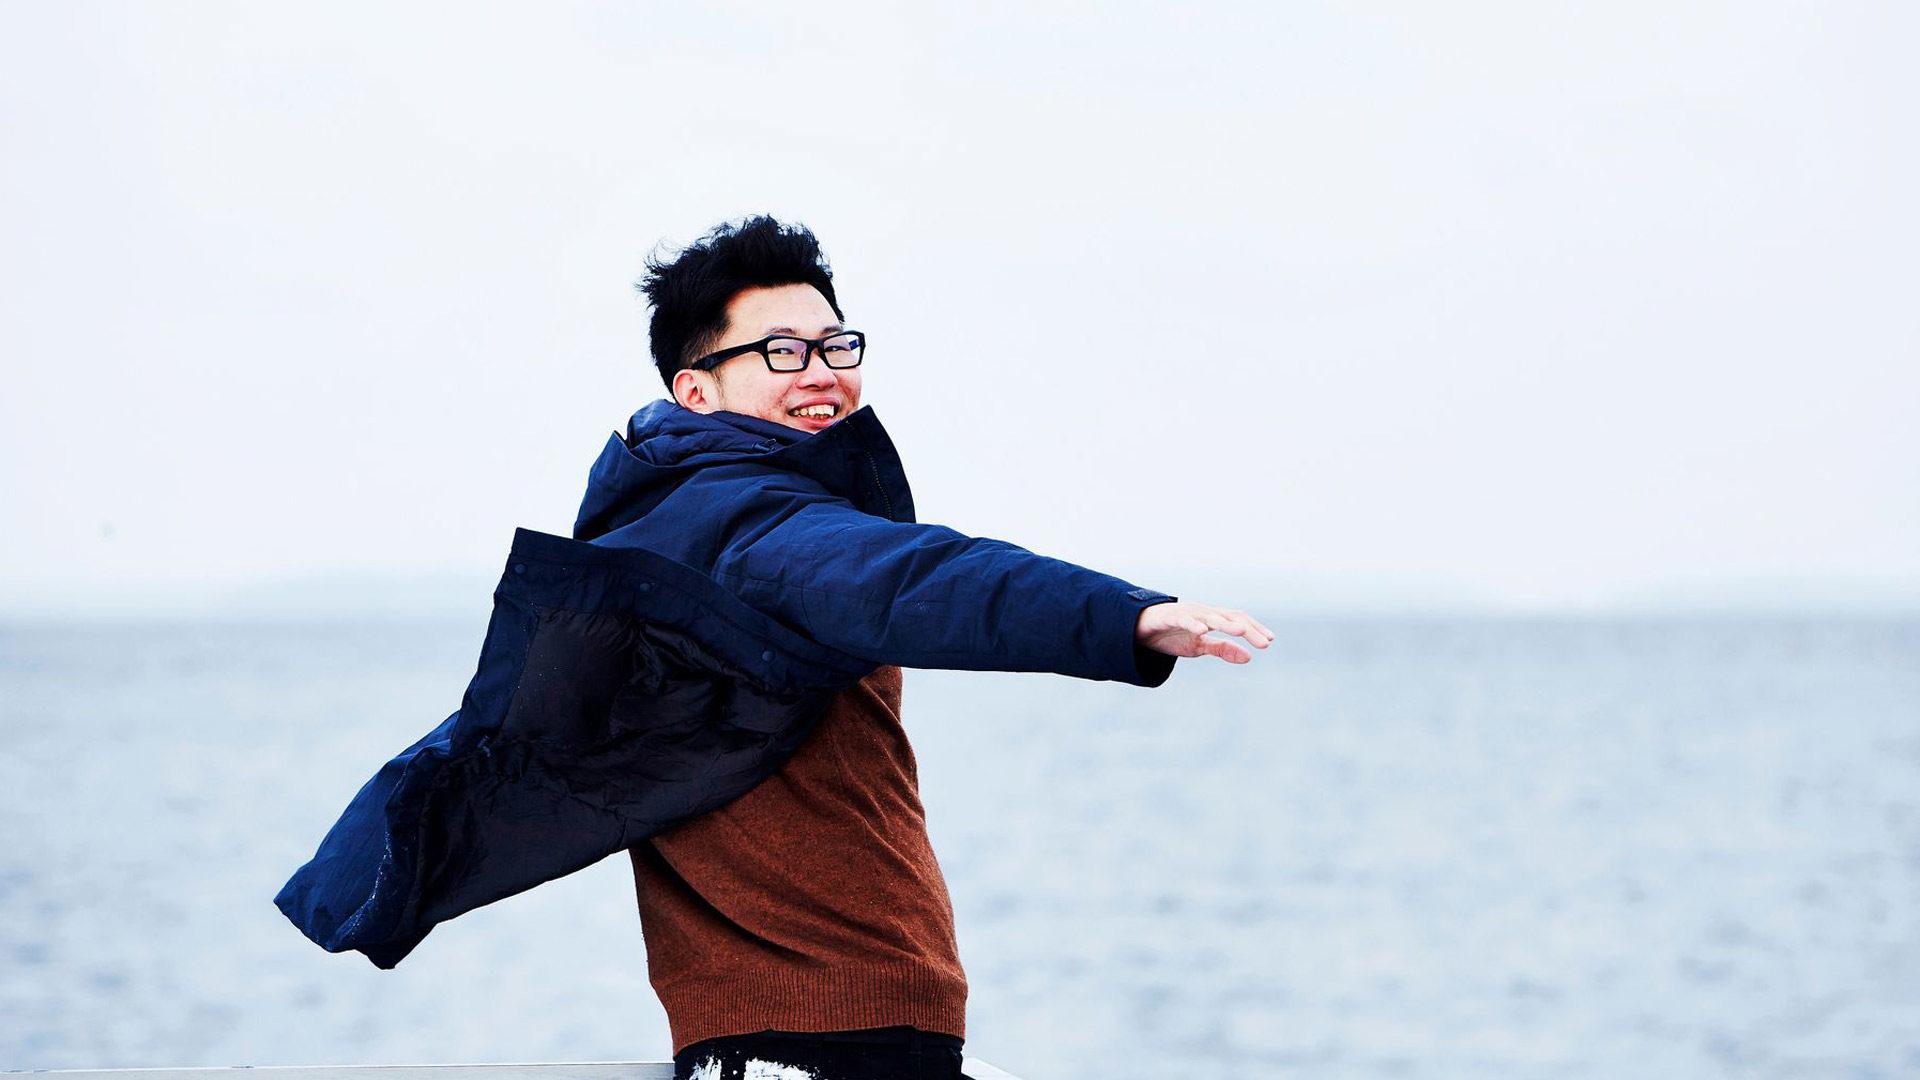 Gen Takagi on työskennellyt monipuolisesti media-alalla, mutta sanoo olevansa ensisijaisesti koomikko. Hän on tehnyt vuosien ajan nettiin komediavideoita.